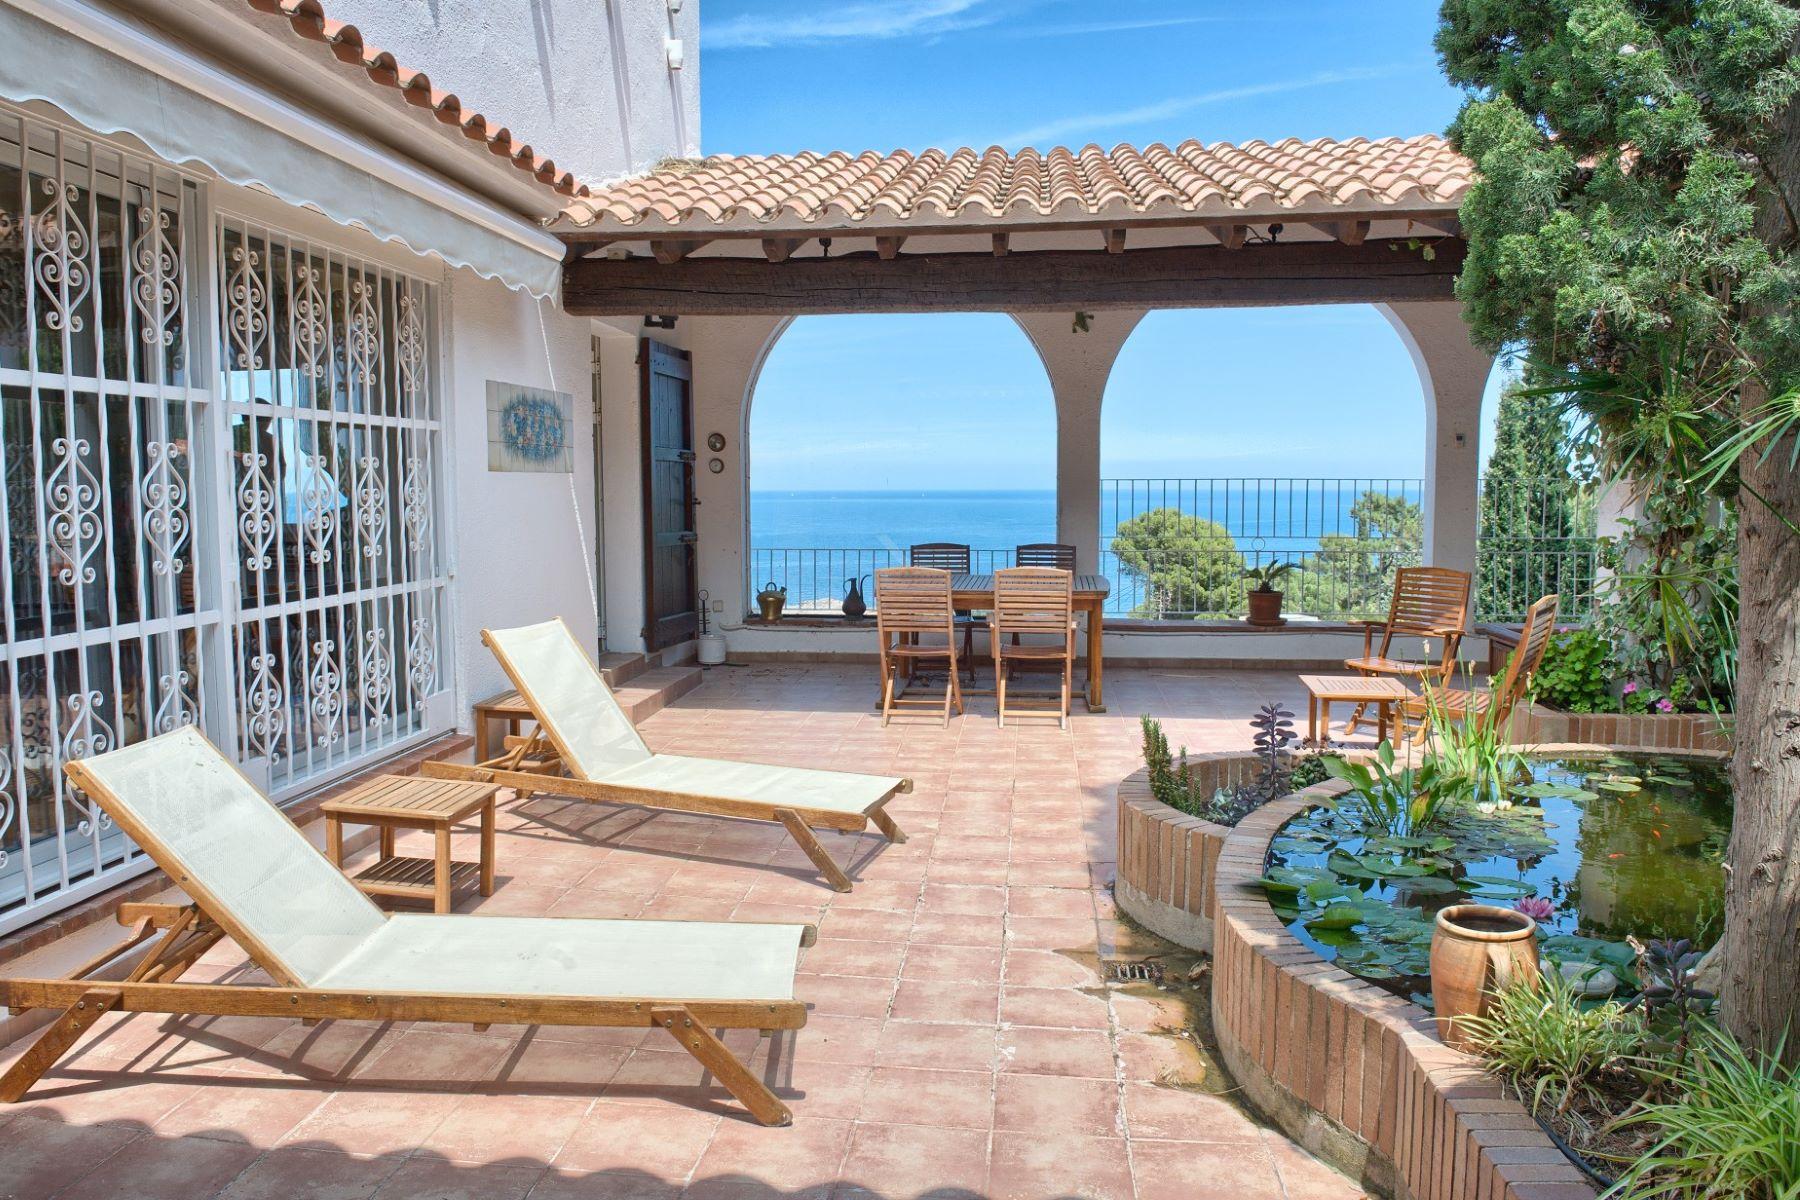 独户住宅 为 销售 在 Mediterranean villa with sea views 埃尔伯尔特德拉萨尔瓦, 科斯塔布拉瓦, 17489 西班牙